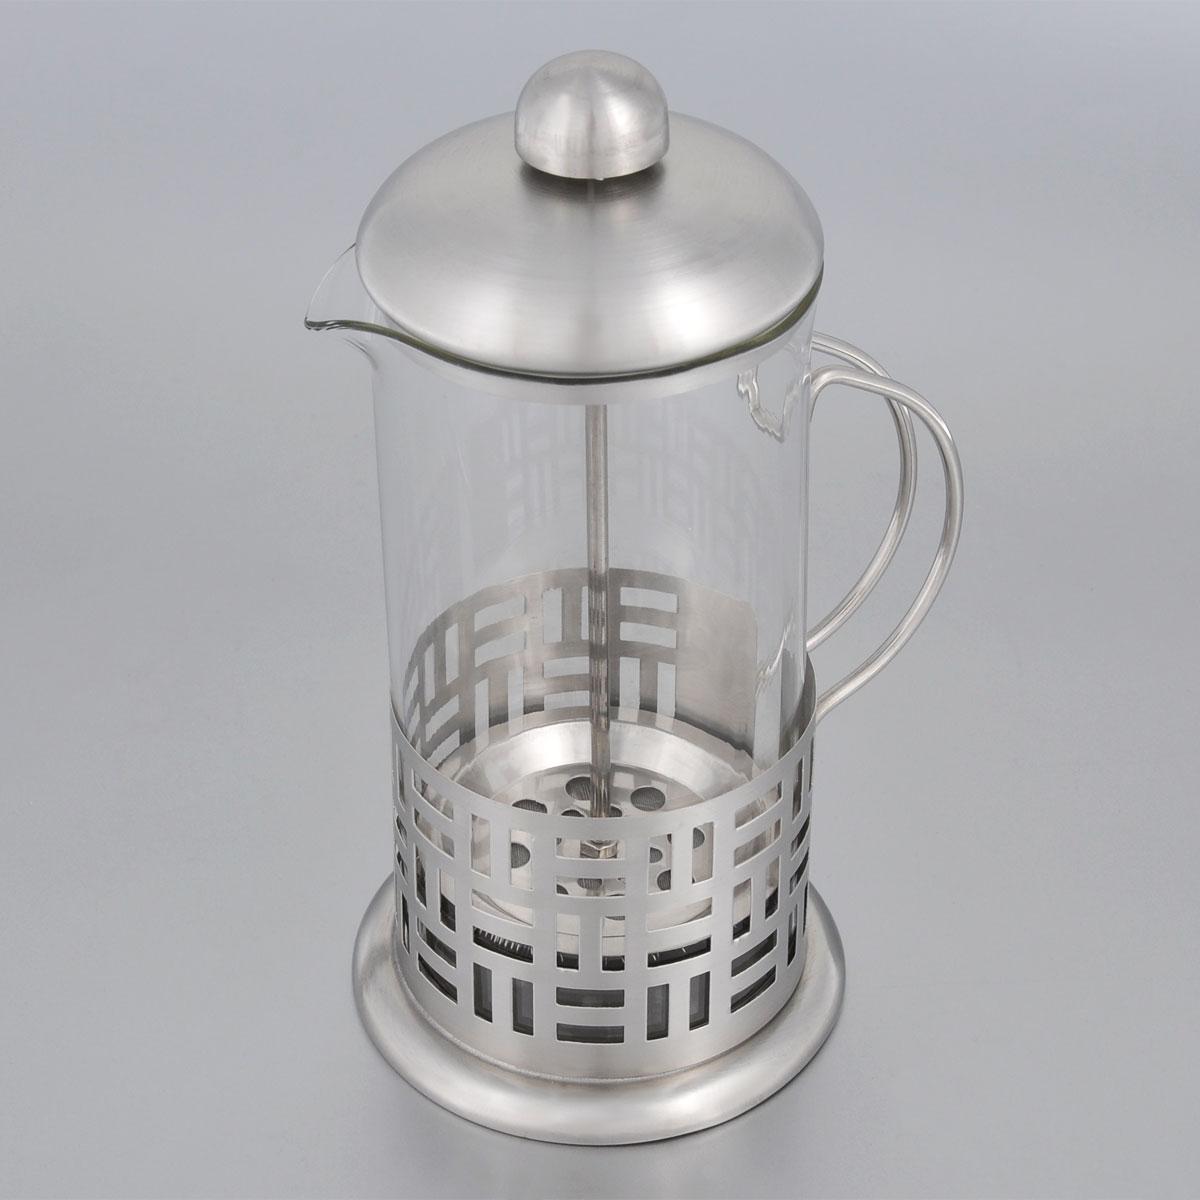 Френч-пресс Bohmann, 600 мл. 9560BHCM000001328Френч-пресс Bohmann используется для заваривания крупнолистового чая, кофе среднего помола, травяных сборов. Изготовлен из высококачественной нержавеющей стали и термостойкого стекла, выдерживающего высокую температуру, что придает ему надежность и долговечность. Френч-пресс Bohmann незаменим для любителей чая и кофе.Можно мыть в посудомоечной машине.Объем: 600 мл.Высота (с учетом крышки): 21 см.Диаметр (по верхнему краю): 9 см.